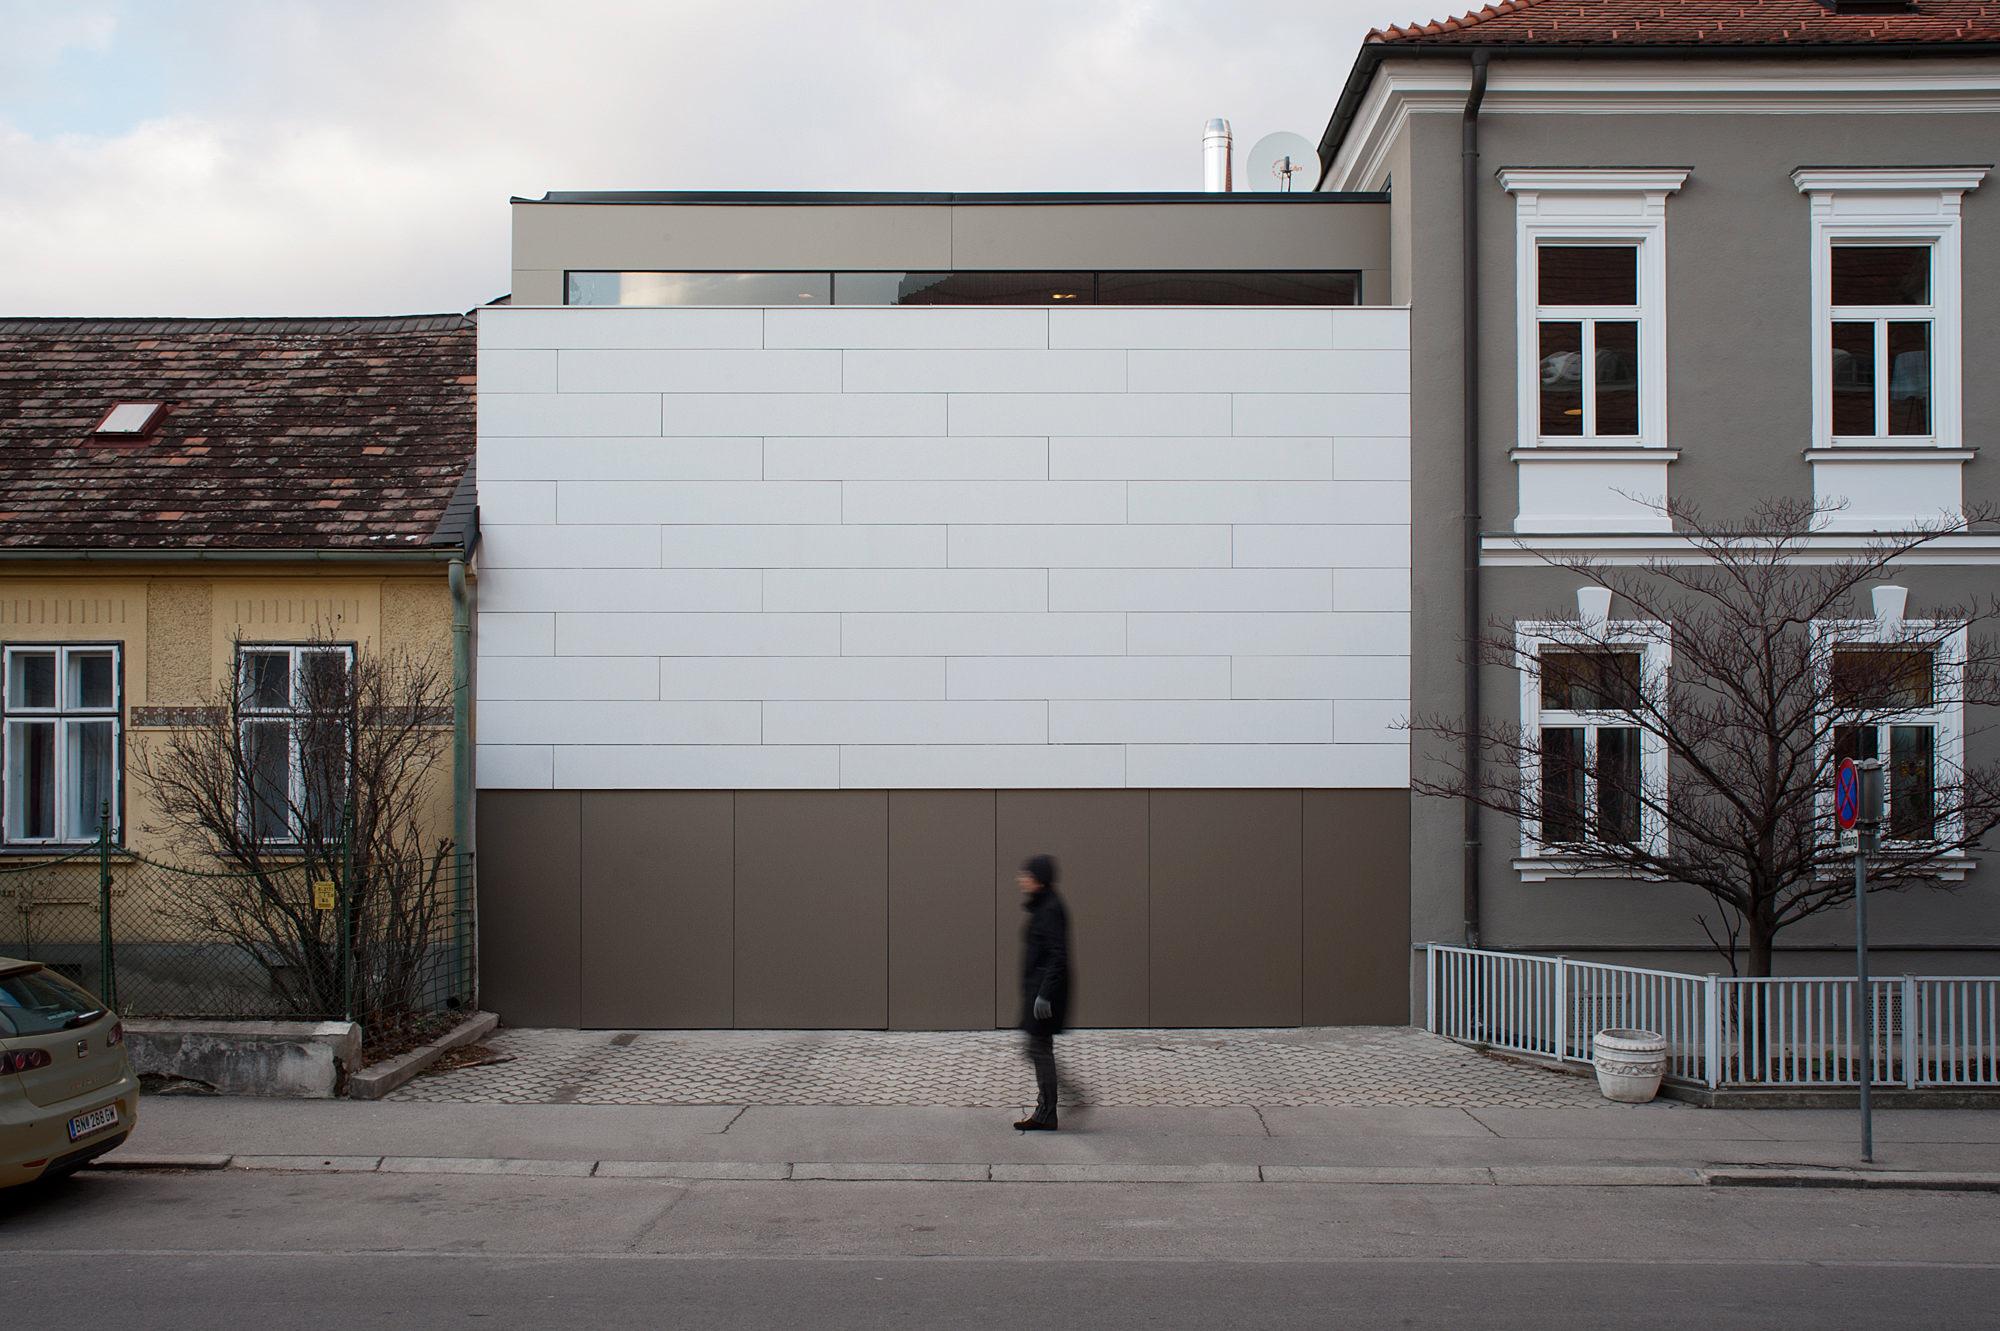 haus_s_10_umbau_und_erweiterung_einer_gruenderzeitvilla_baden_bei_wien_junger_beer_architektur